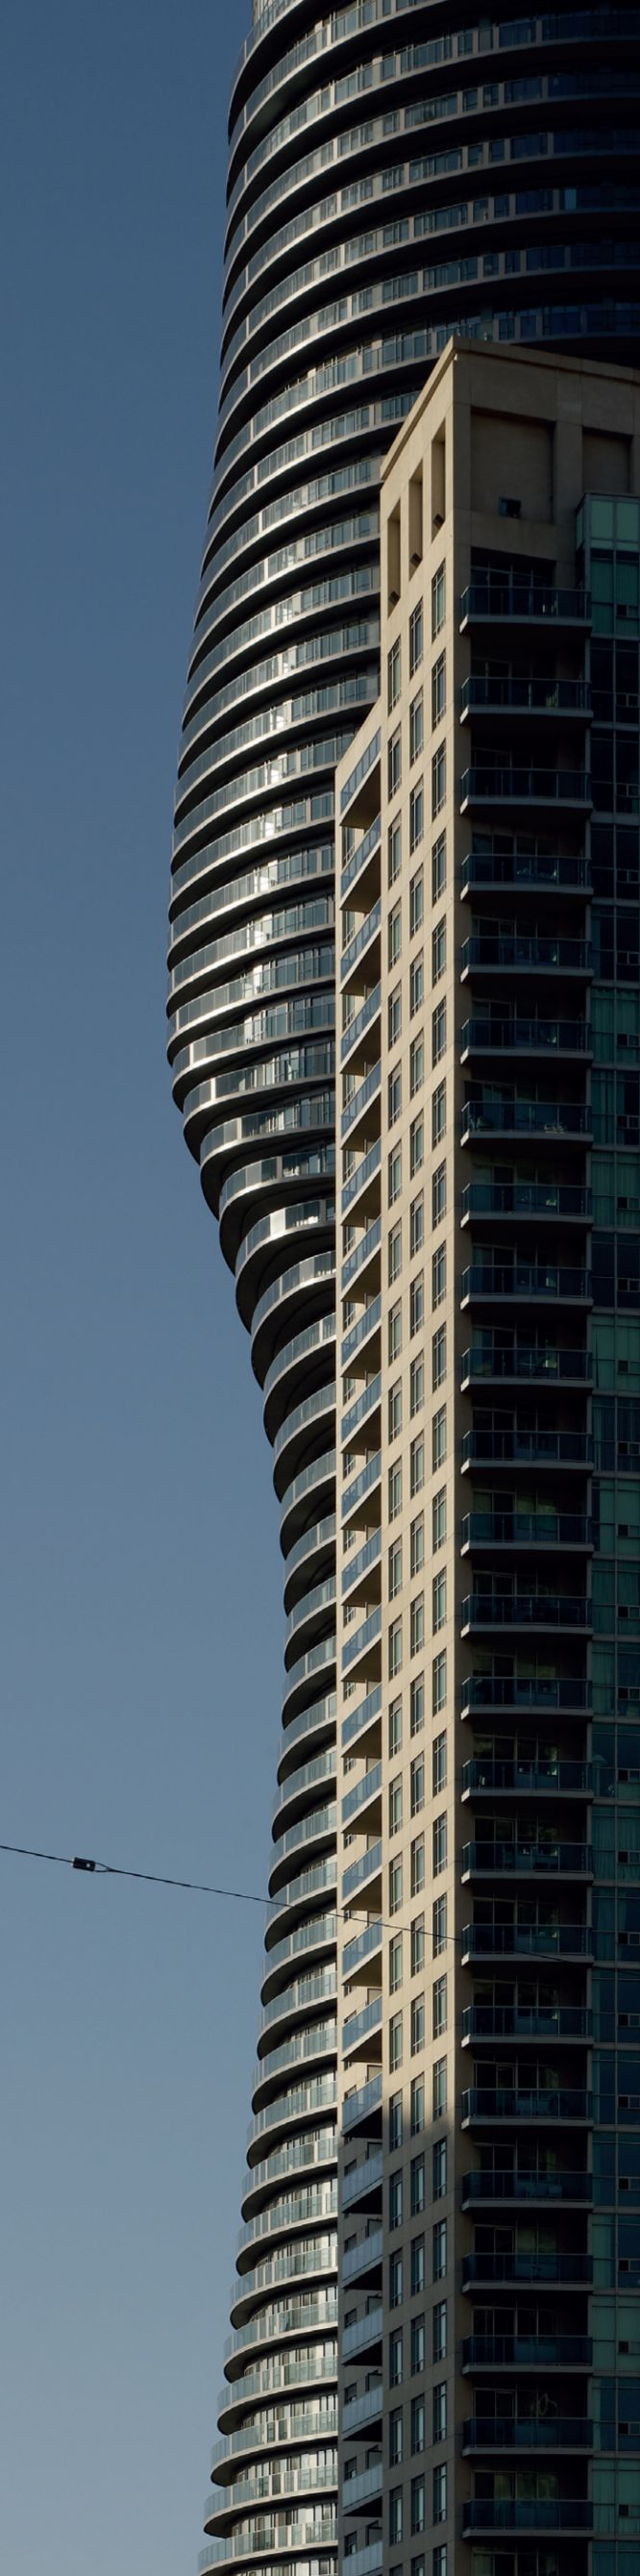 04-arquitectura-china